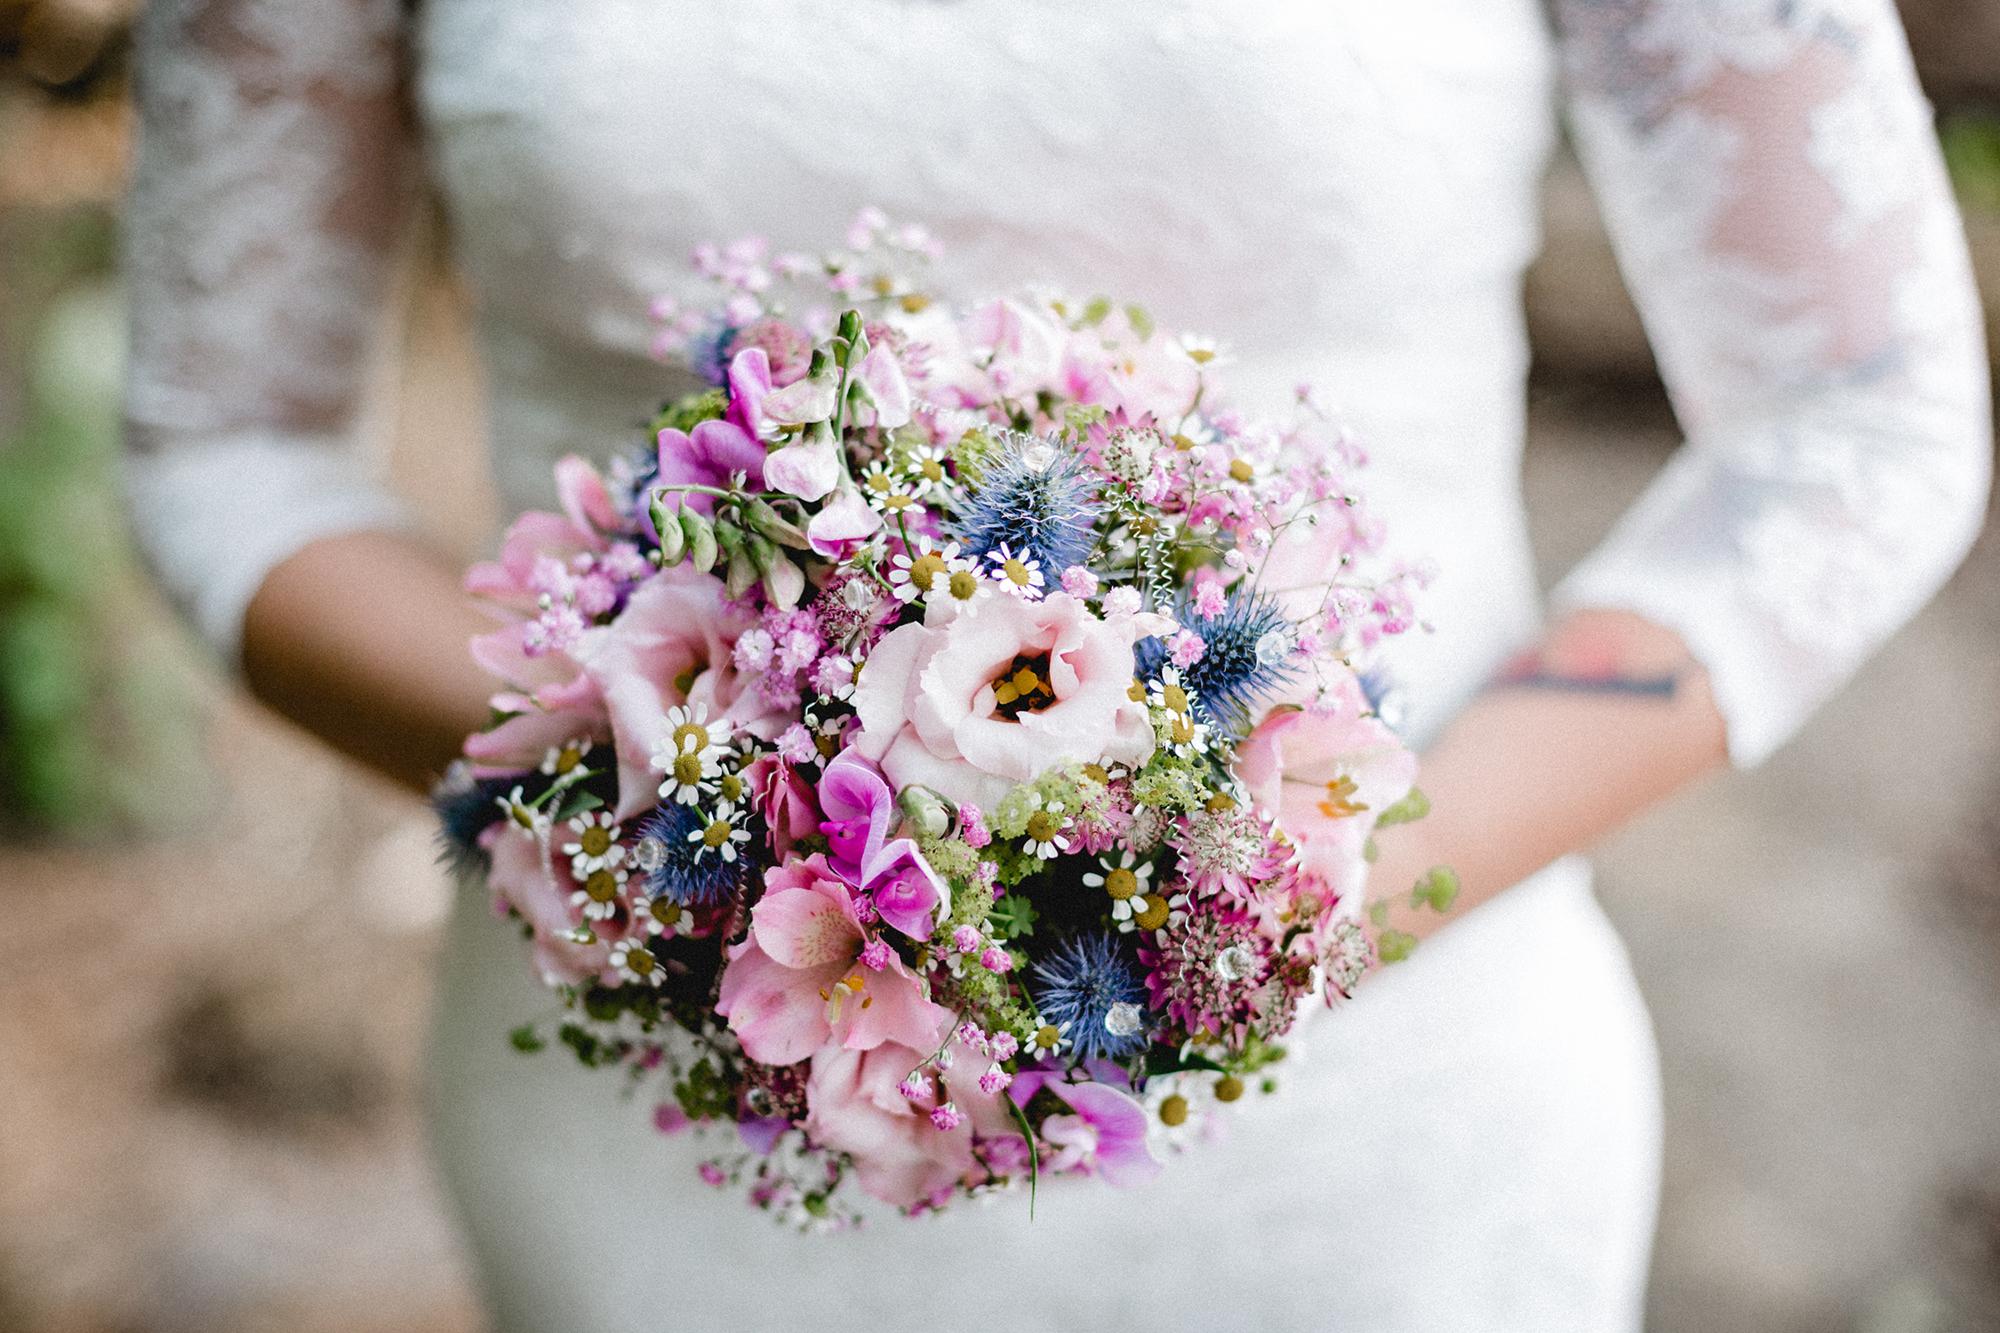 Virginia-Pech-Fotografie-Blog-Zeremonienmeister-Hochzeiten-Hochzeitsfotografie-Hochzeitsfotograf-Berlin-Schwerin-01